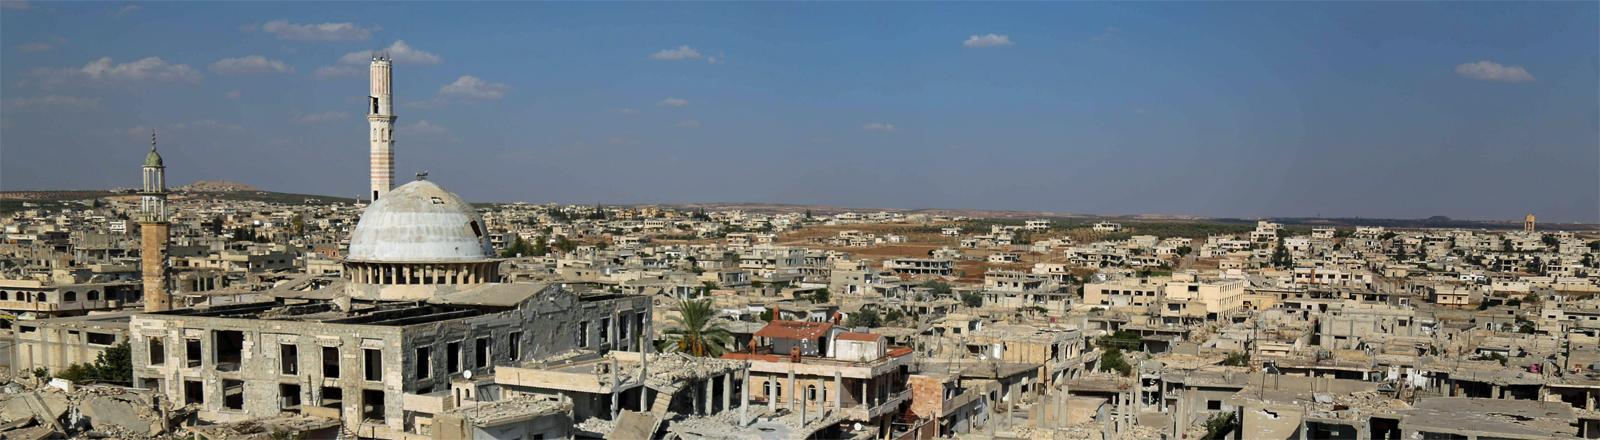 Eine Aufnahme der Stadt Kafr Zita vom 18. September 20118 - sie befindet sich im Norden Syriens und wird von Rebellen kontrolliert